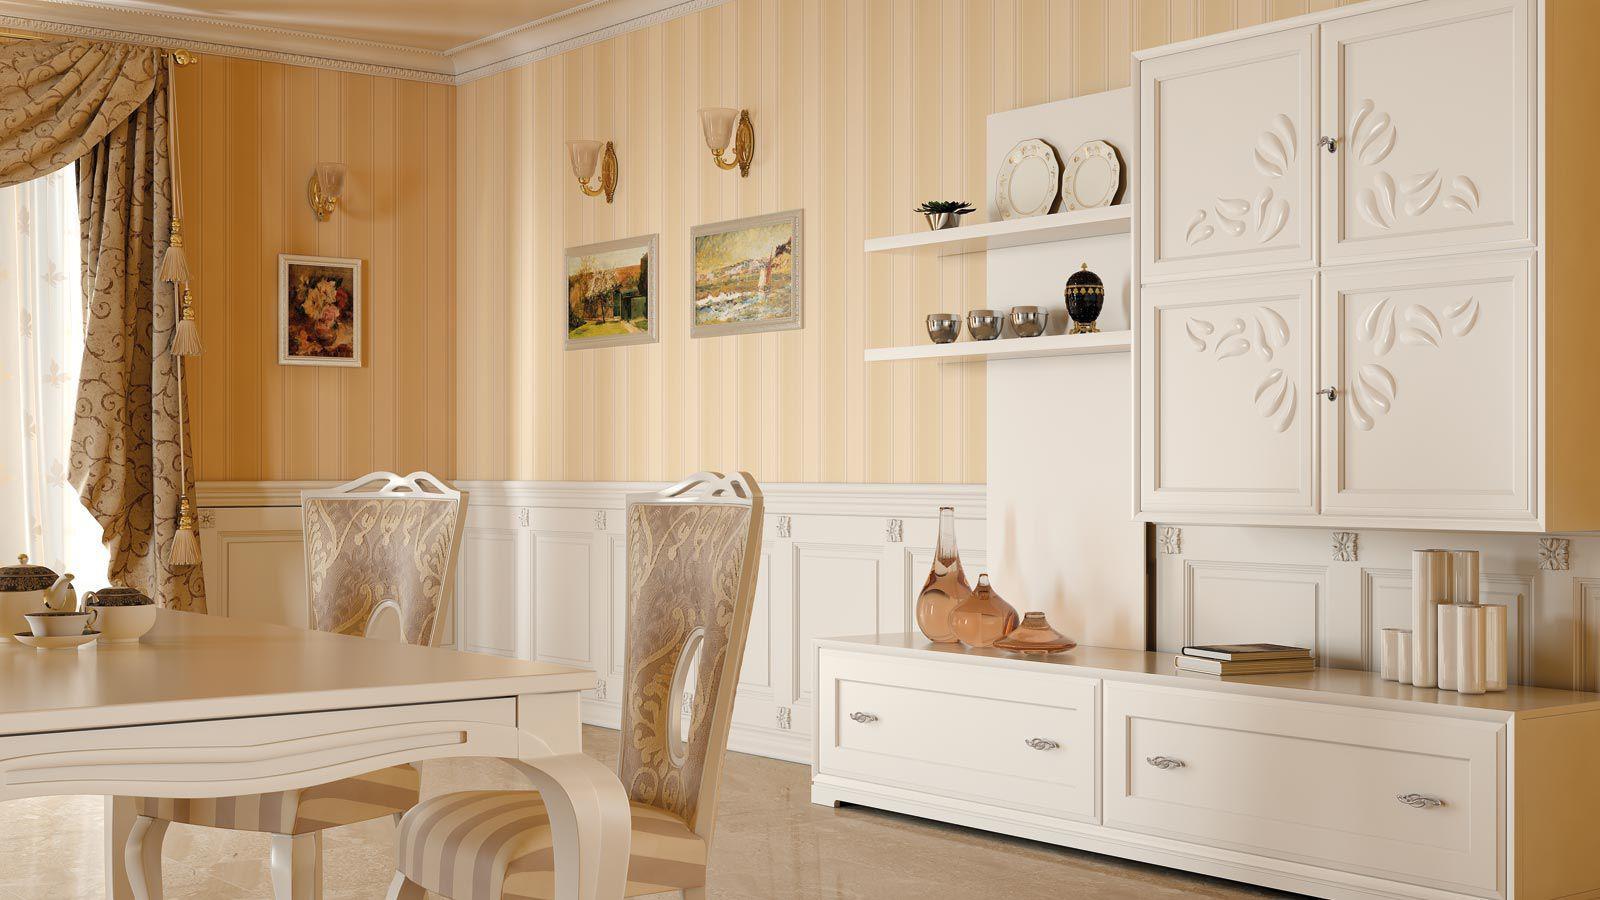 Mueble De Sal N Moderno De Madera La Dolce Vita Stilema # Muebles Dolce Vita